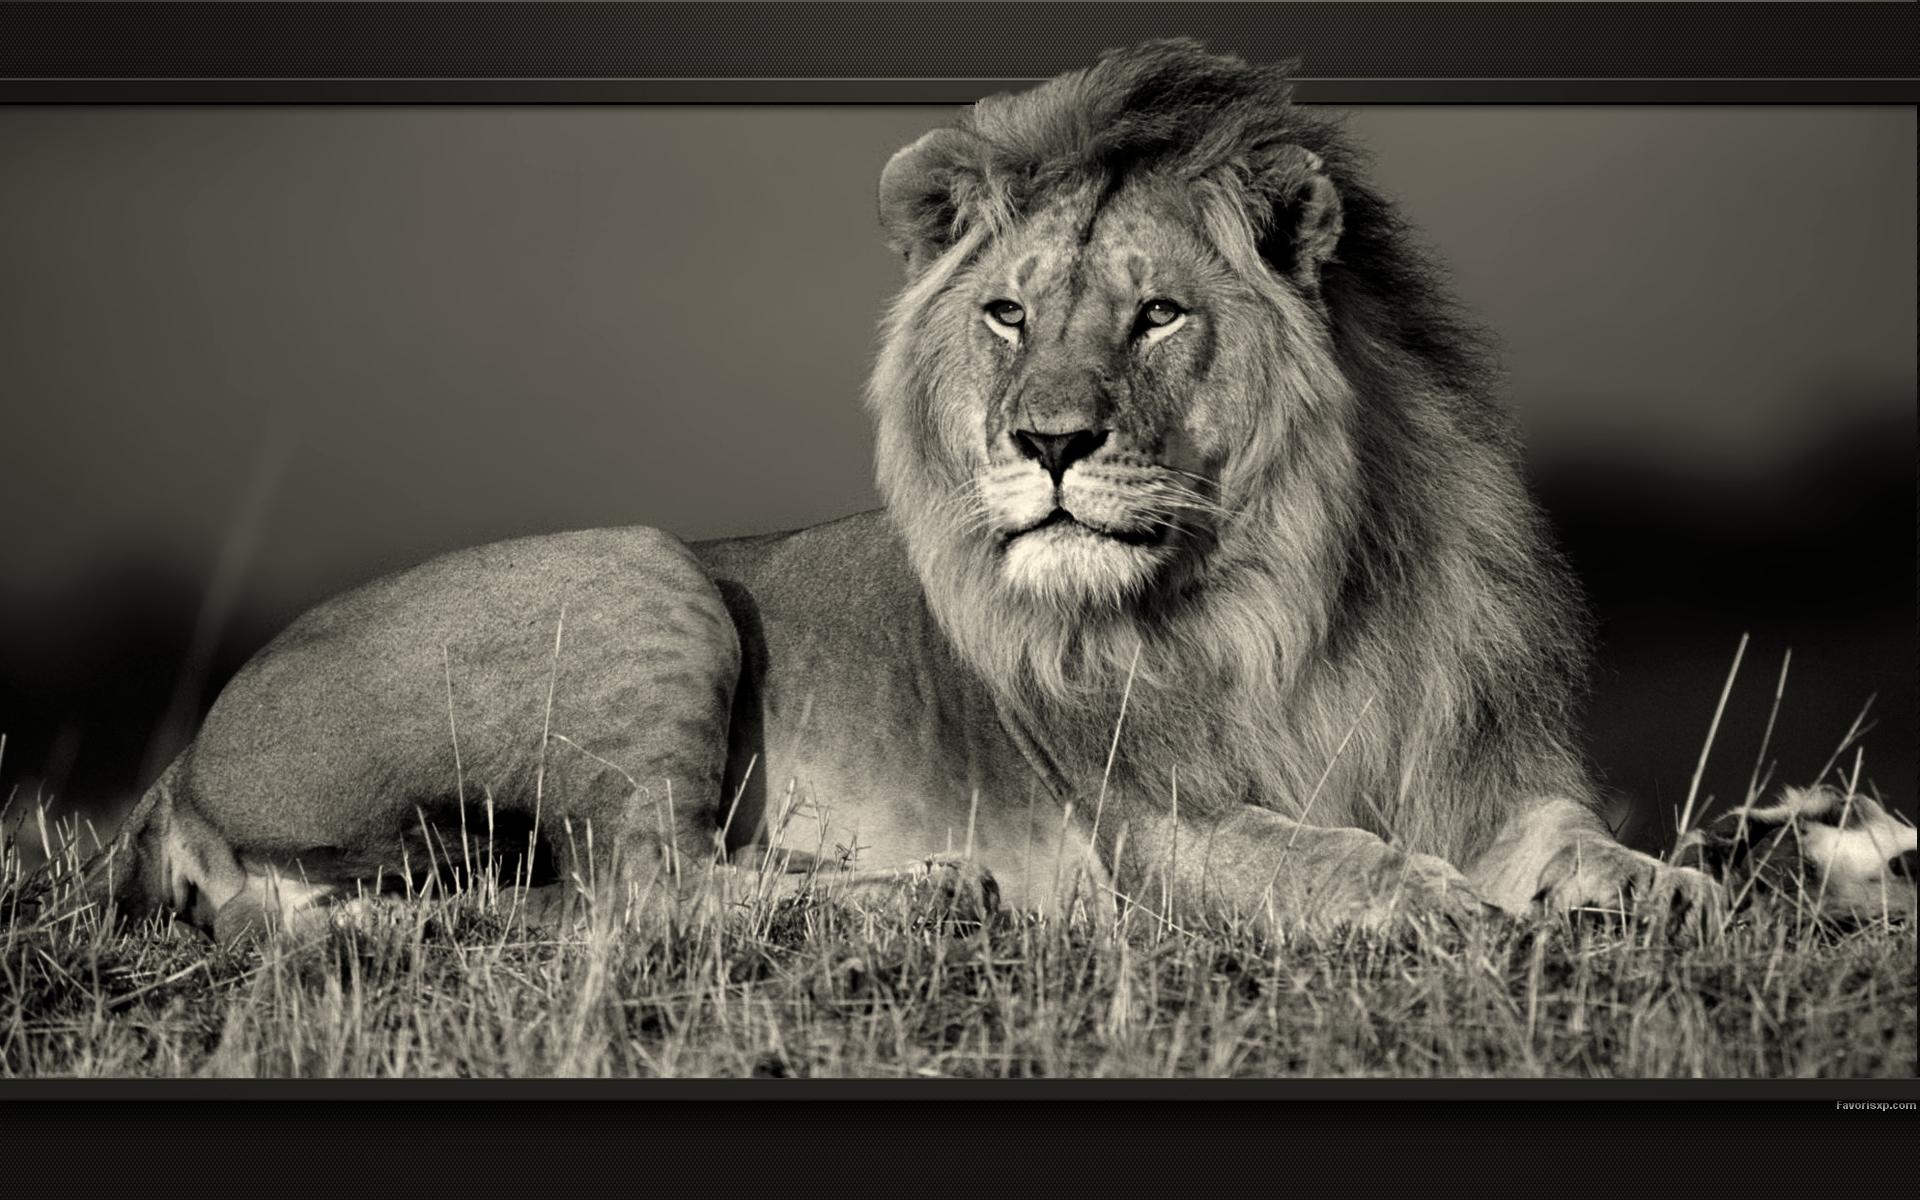 Extrêmement Images of Lion Blanc Wallpaper - #SC UJ46